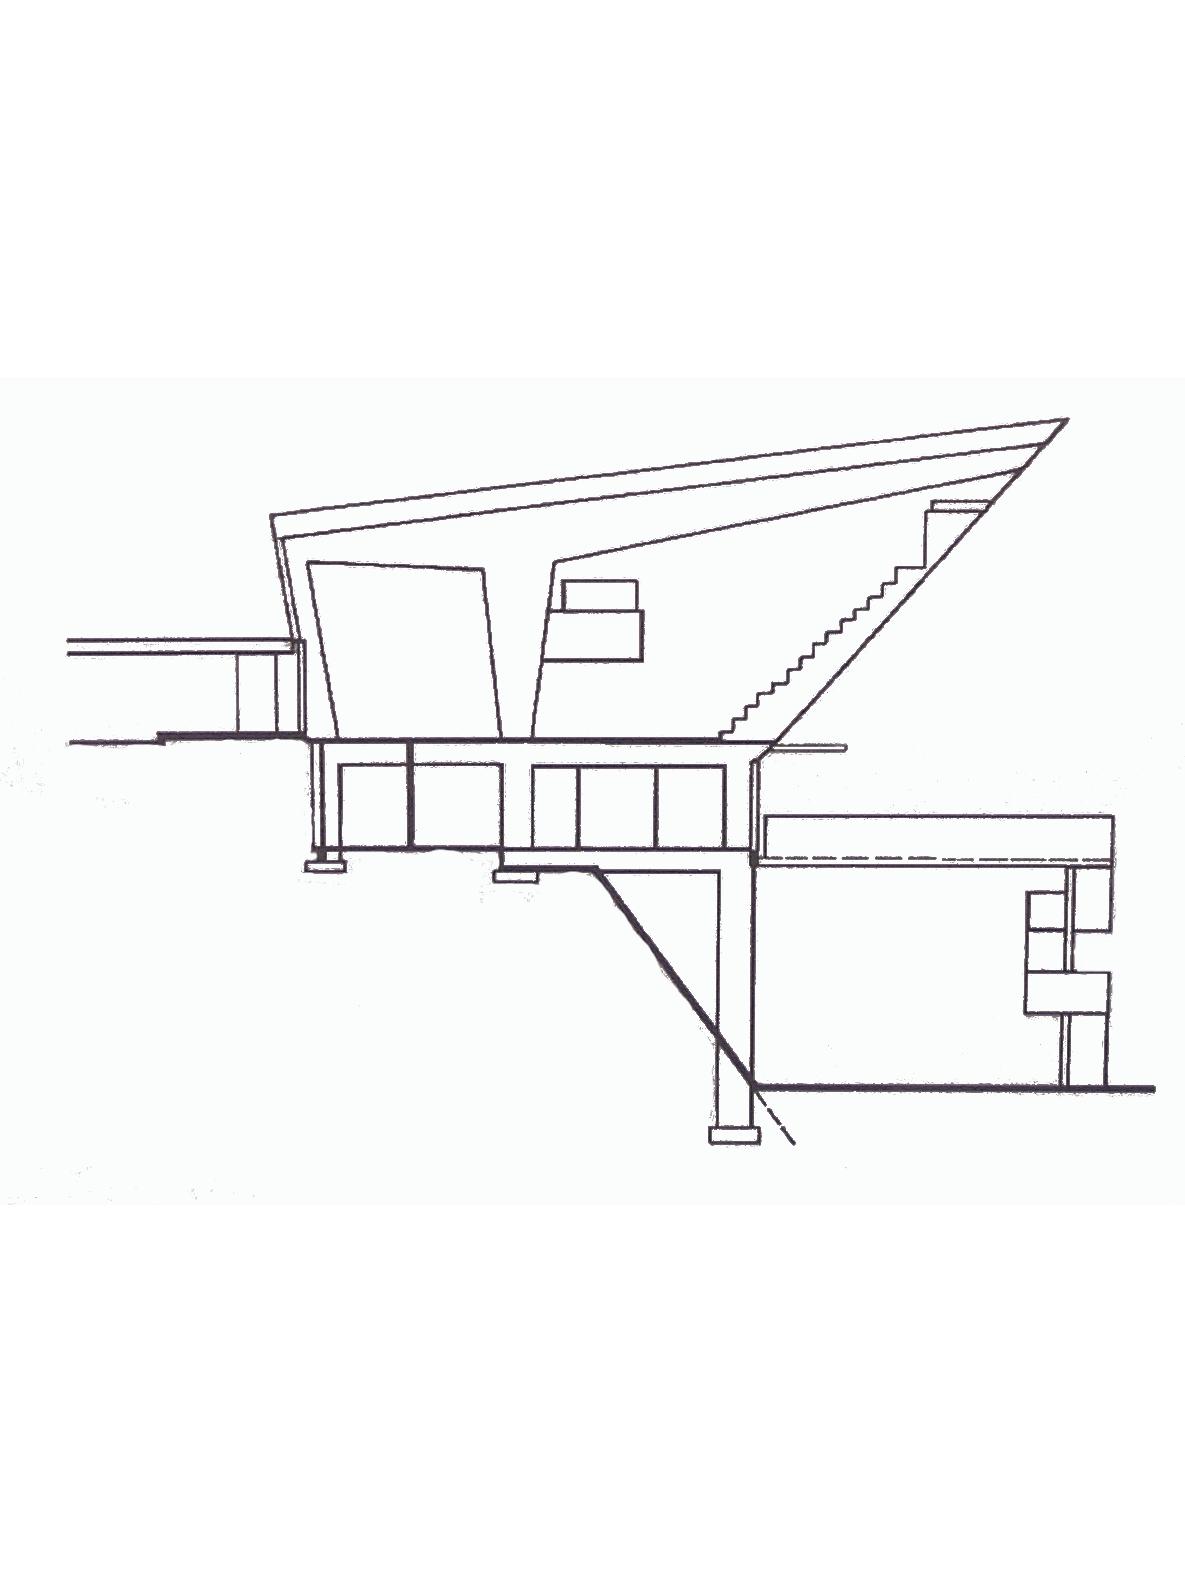 Maison de la culture de firminy vert - Maison de la culture de firminy vert ...